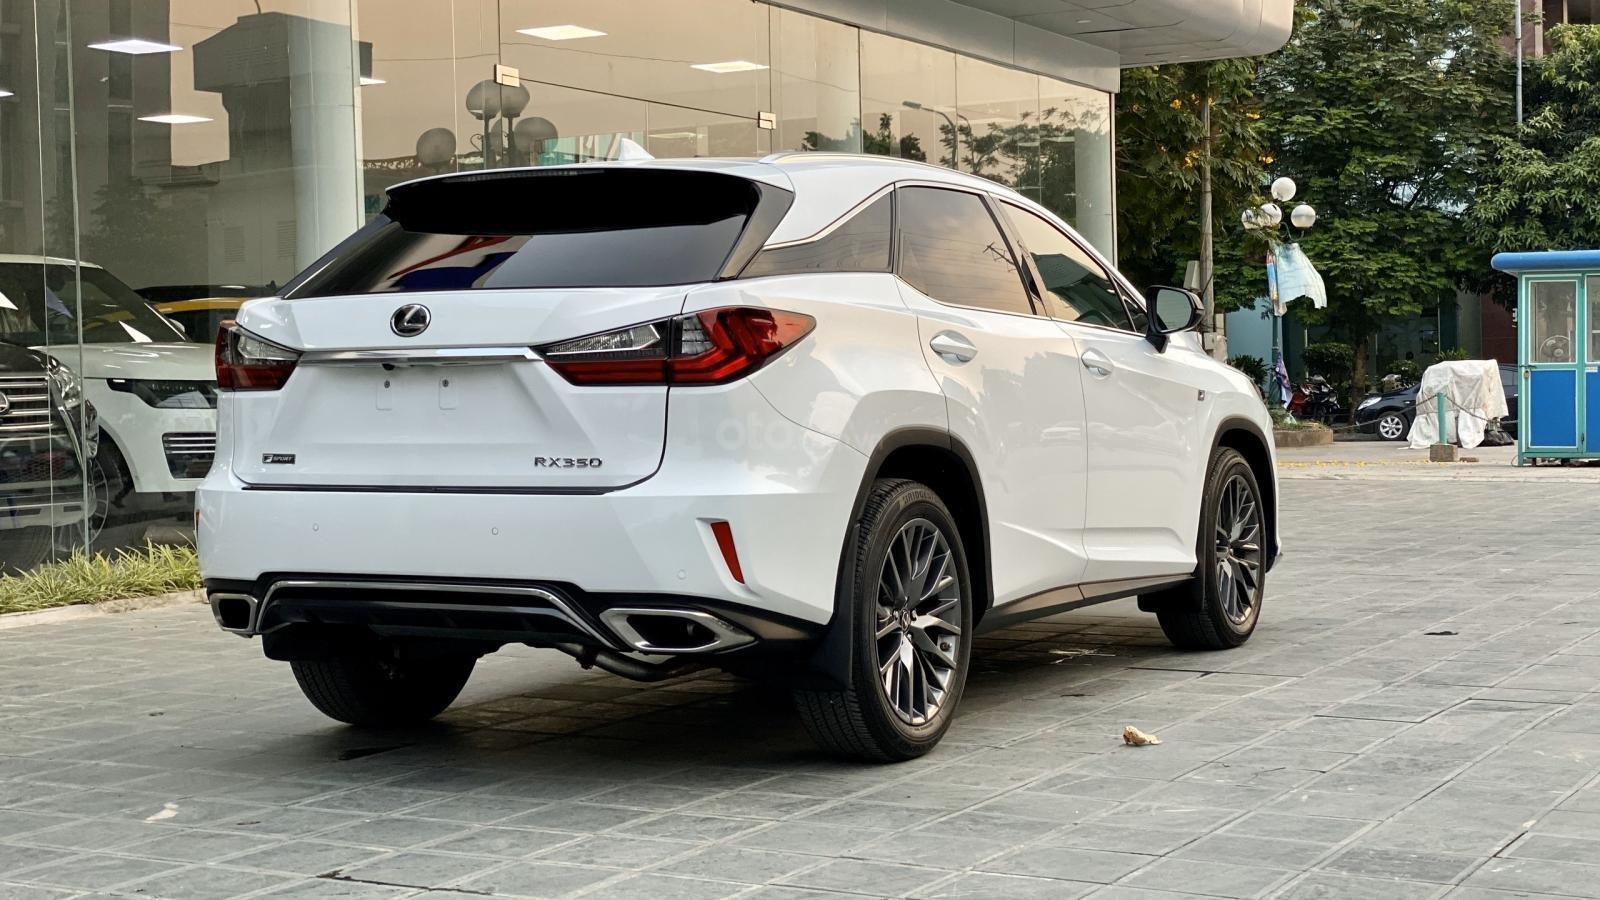 Bán xe Lexus RX 350 Fsport nhập Mỹ sản xuất 2018 đã qua sử dụng LH Ms Hương, giao xe toàn quốc, giá tốt (6)